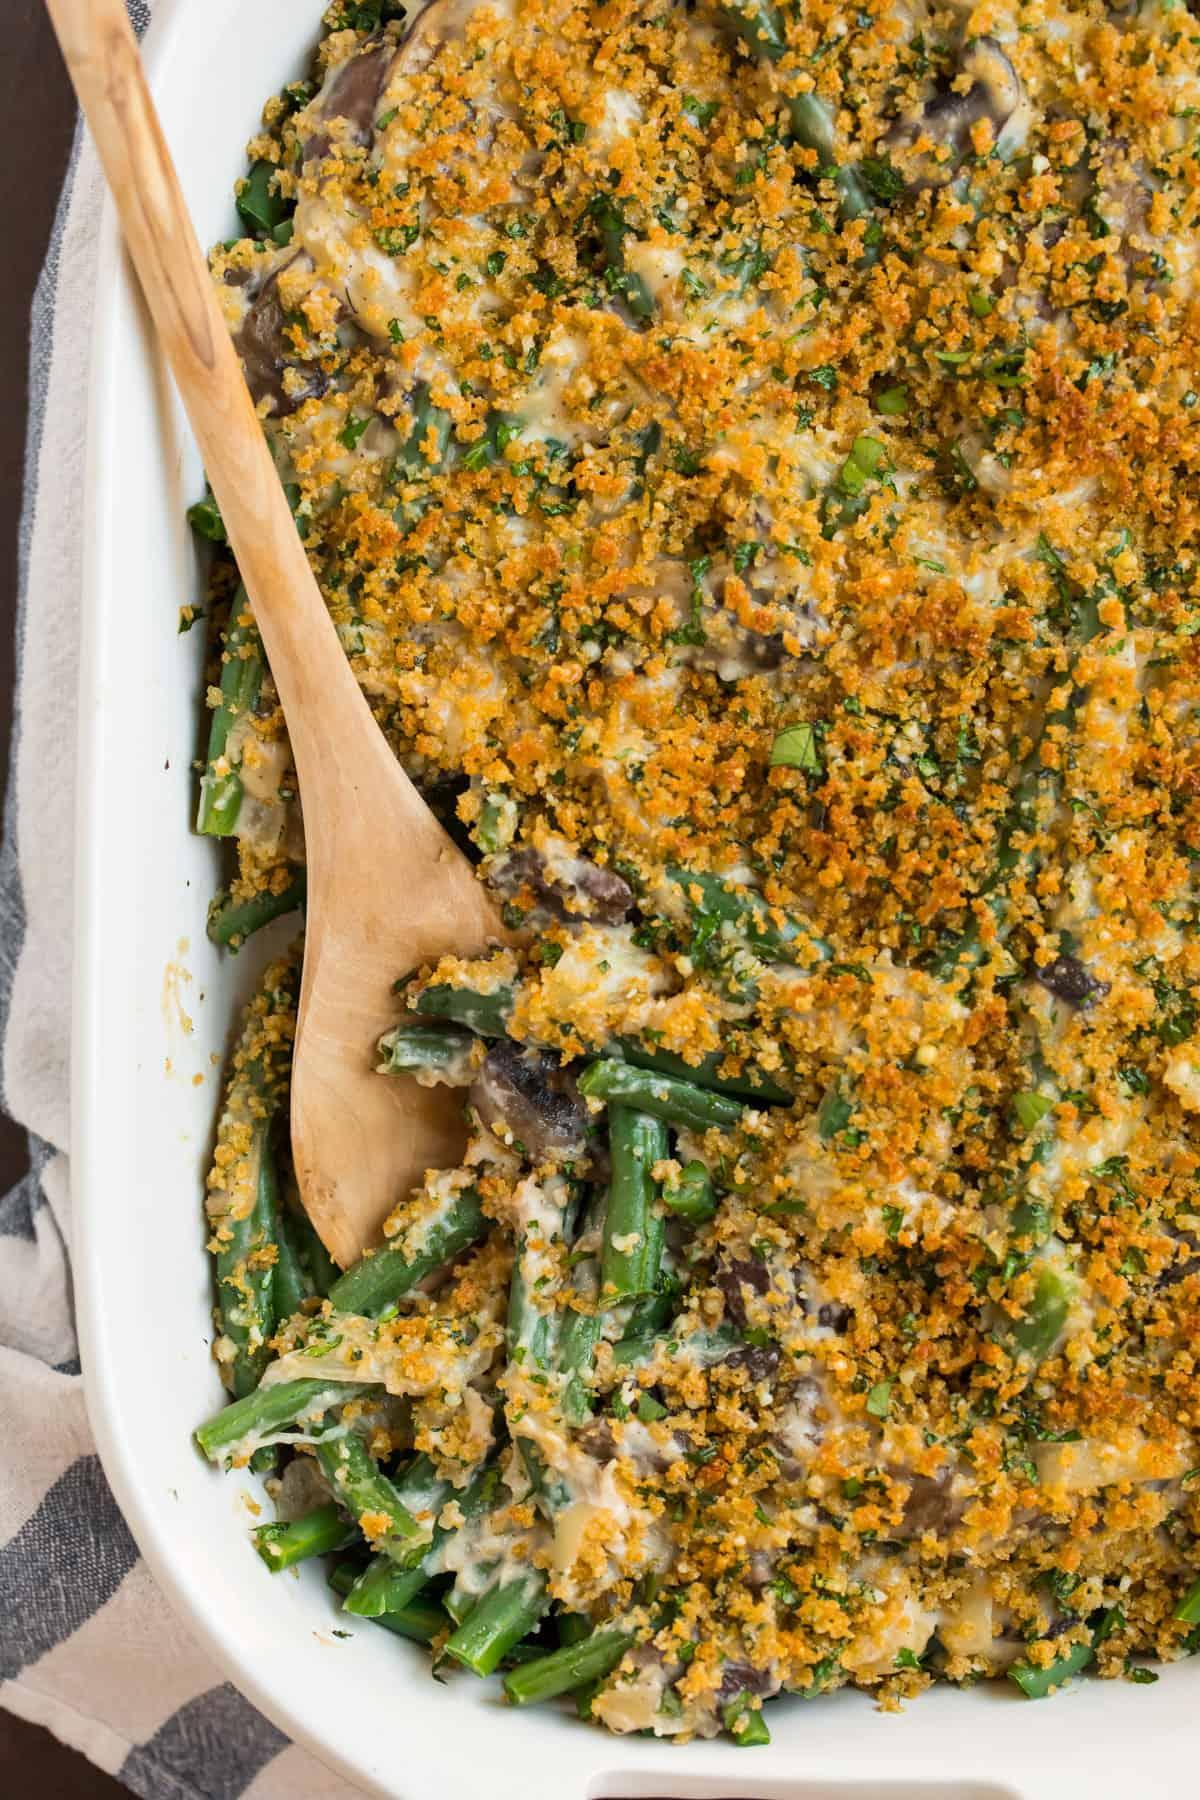 Cazuela de judías verdes saludables con queso y pan rallado en una fuente para hornear